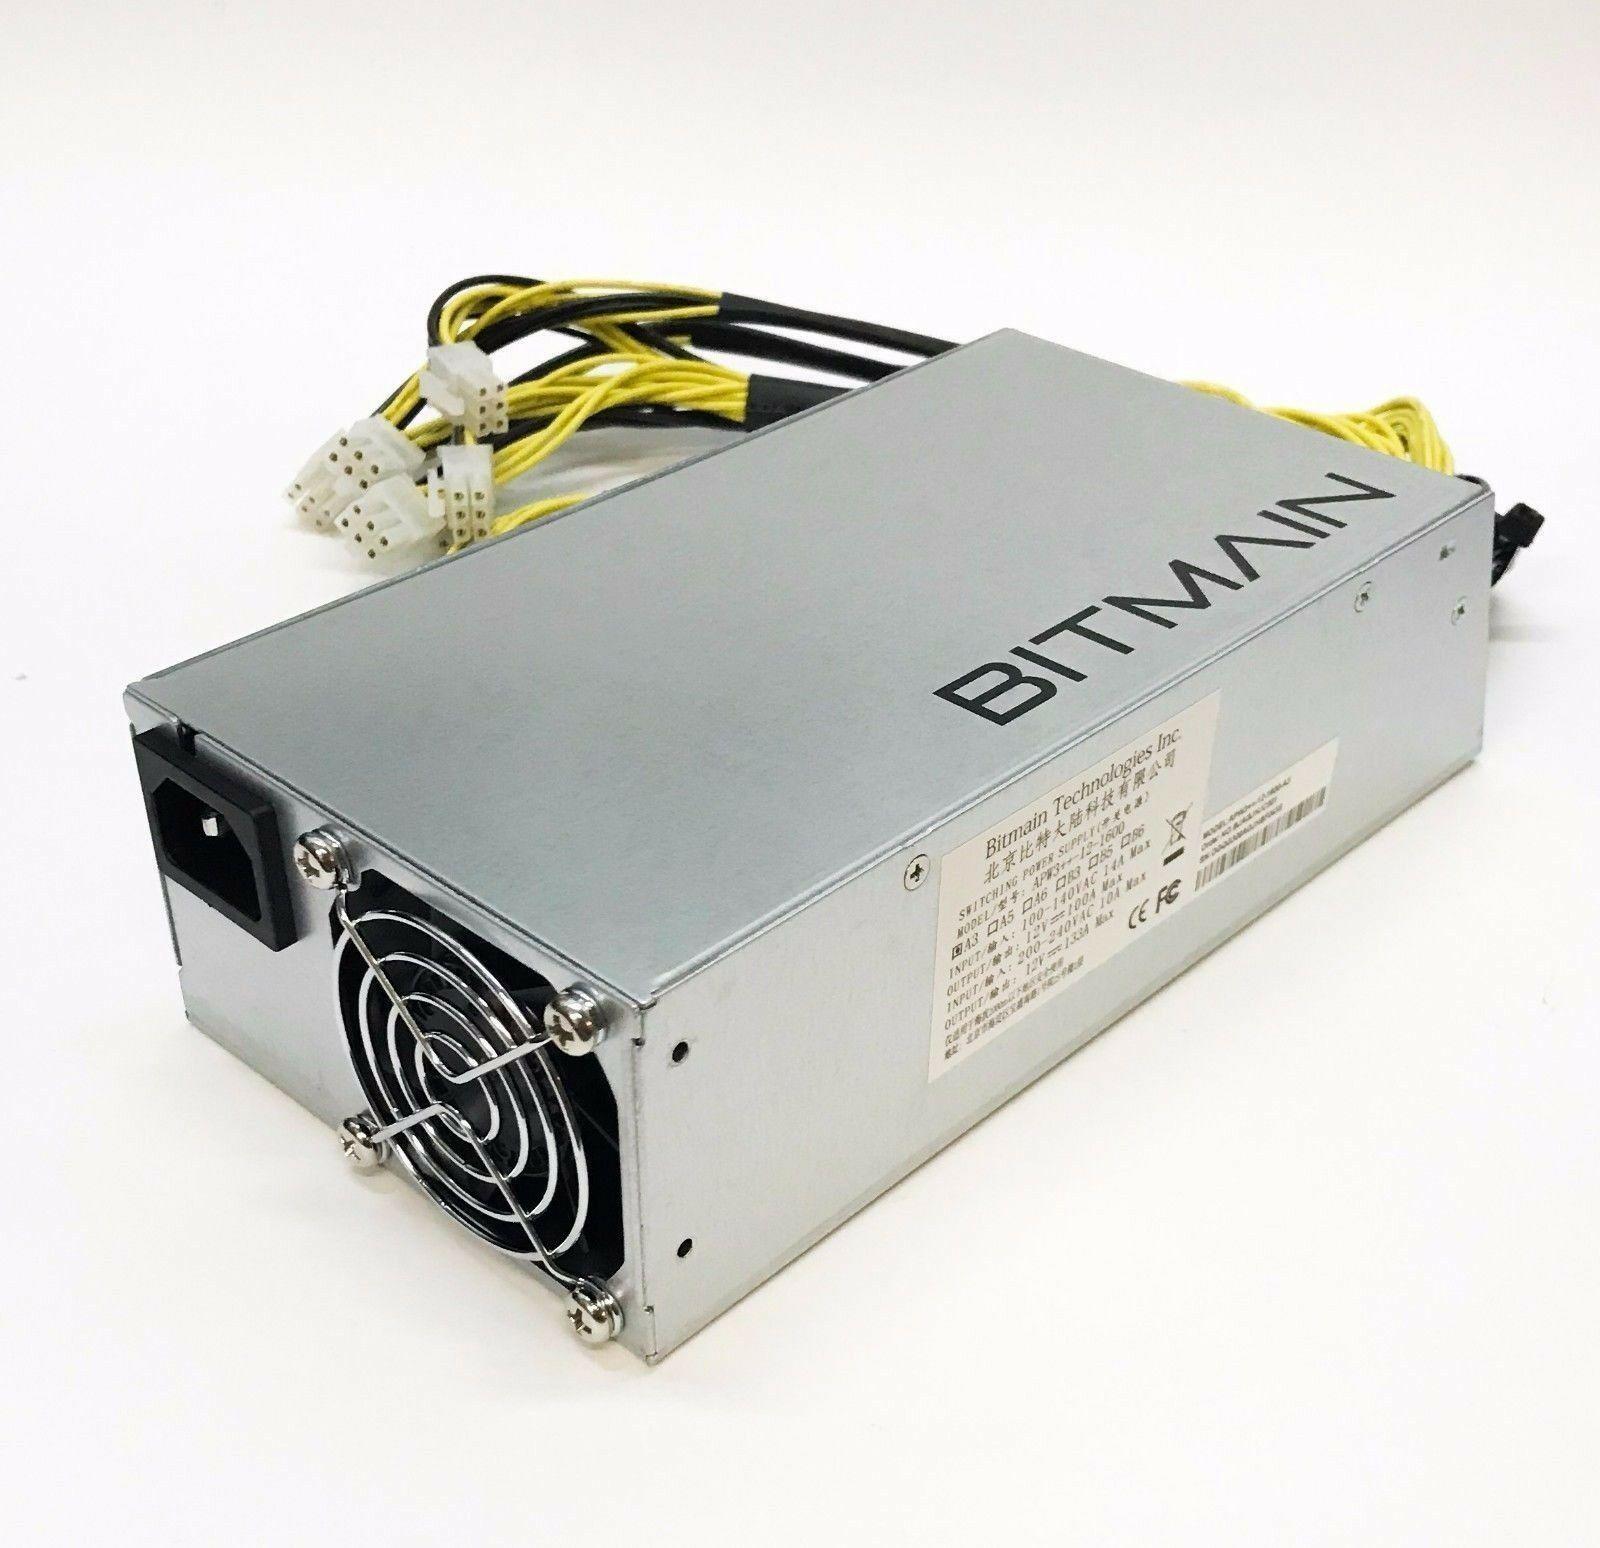 Блок питания компьютера BALMAIN Bitmain APW 3++ 1600 Вт